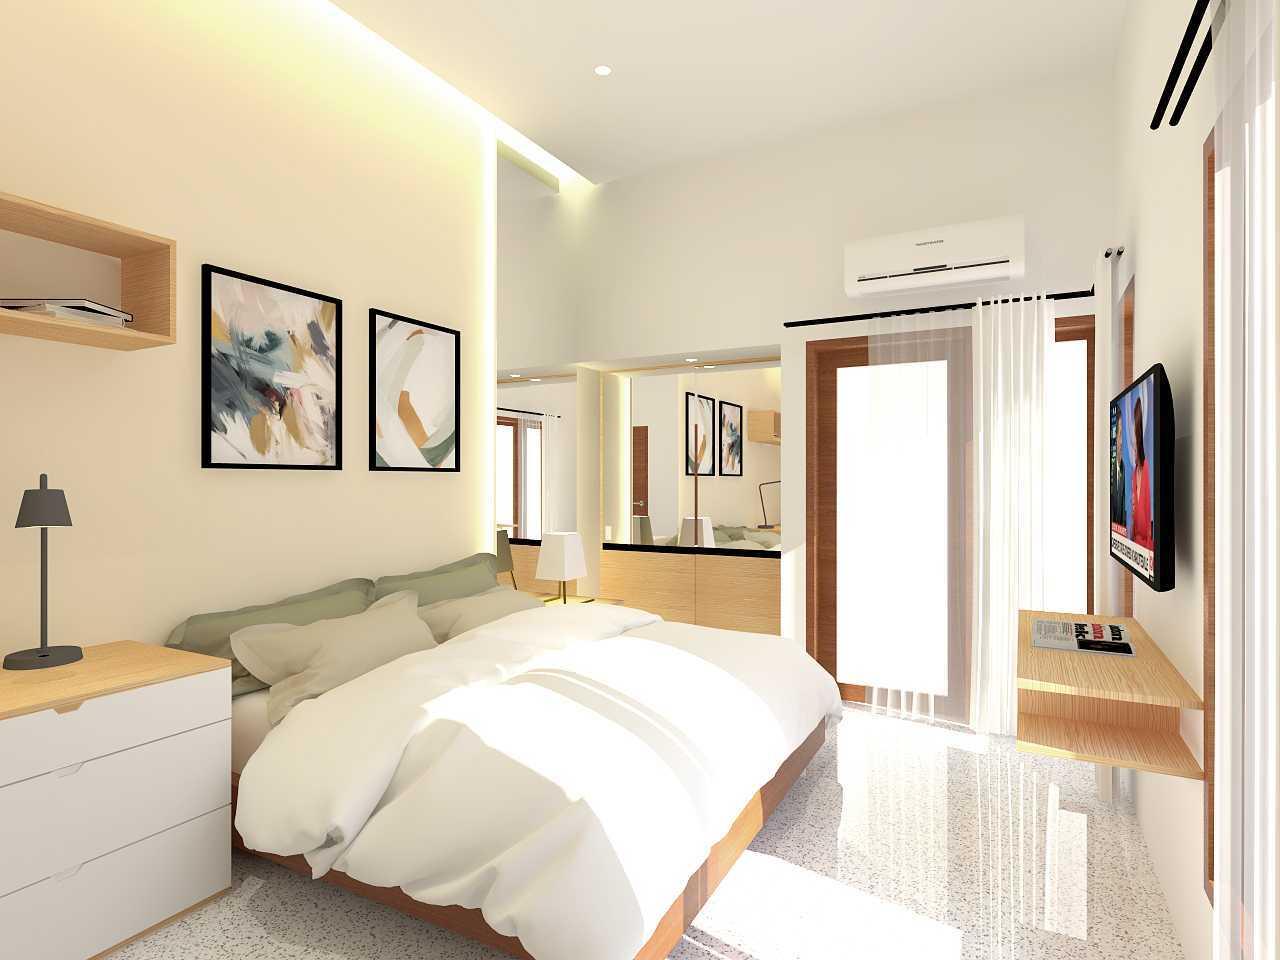 Sekala Petemon House Surabaya, Kota Sby, Jawa Timur, Indonesia Surabaya, Kota Sby, Jawa Timur, Indonesia Sekala-Petemon-House-Surabaya Contemporary 74513